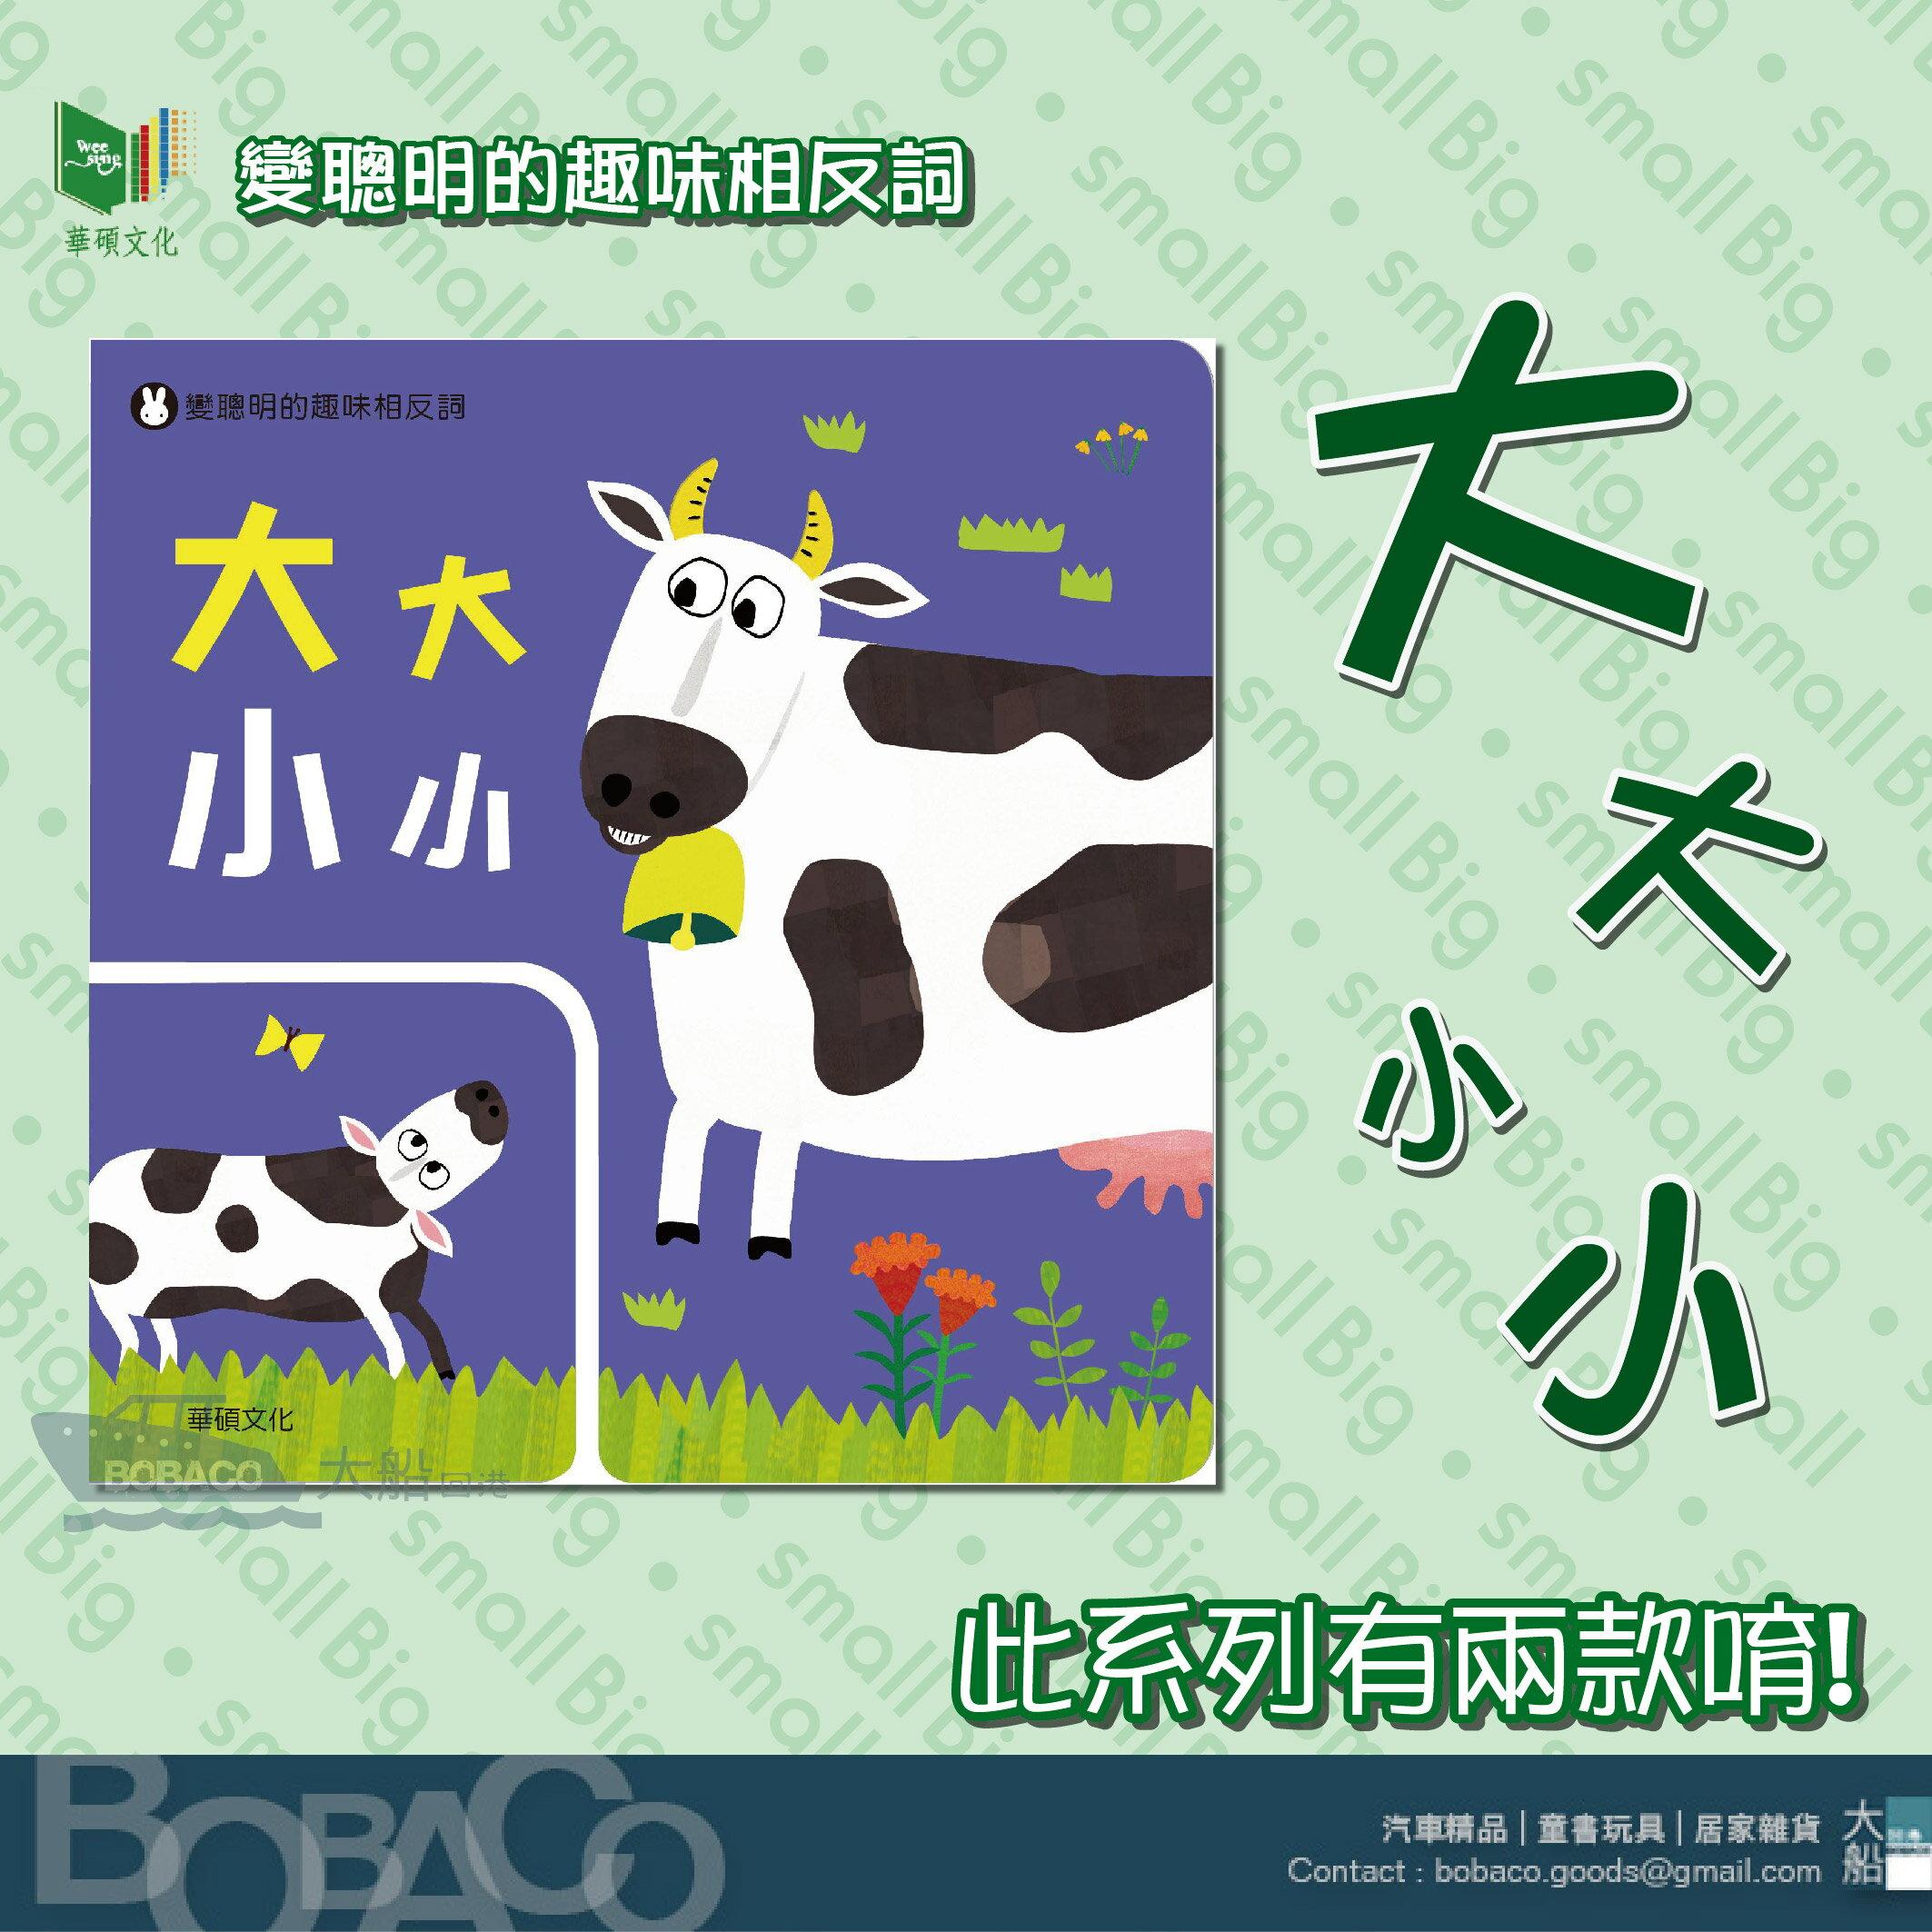 大大小小 华硕文化 / 游戏书 益智教材 培养表达能力 语言学习 儿童书籍 亲子 童书 幼儿 绘本